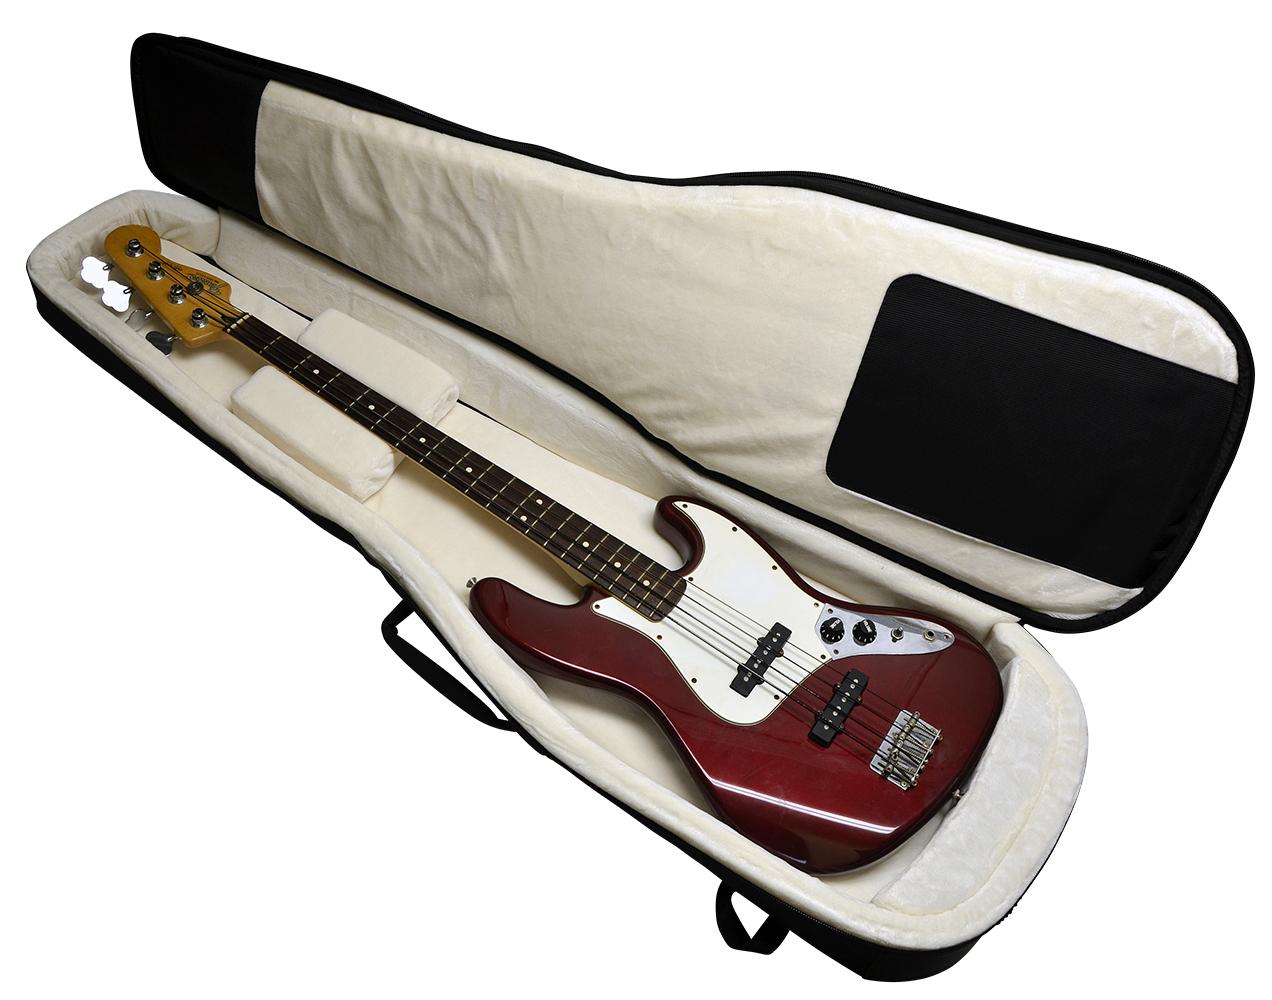 gator pro go ultimate bass guitar gig bag black. Black Bedroom Furniture Sets. Home Design Ideas